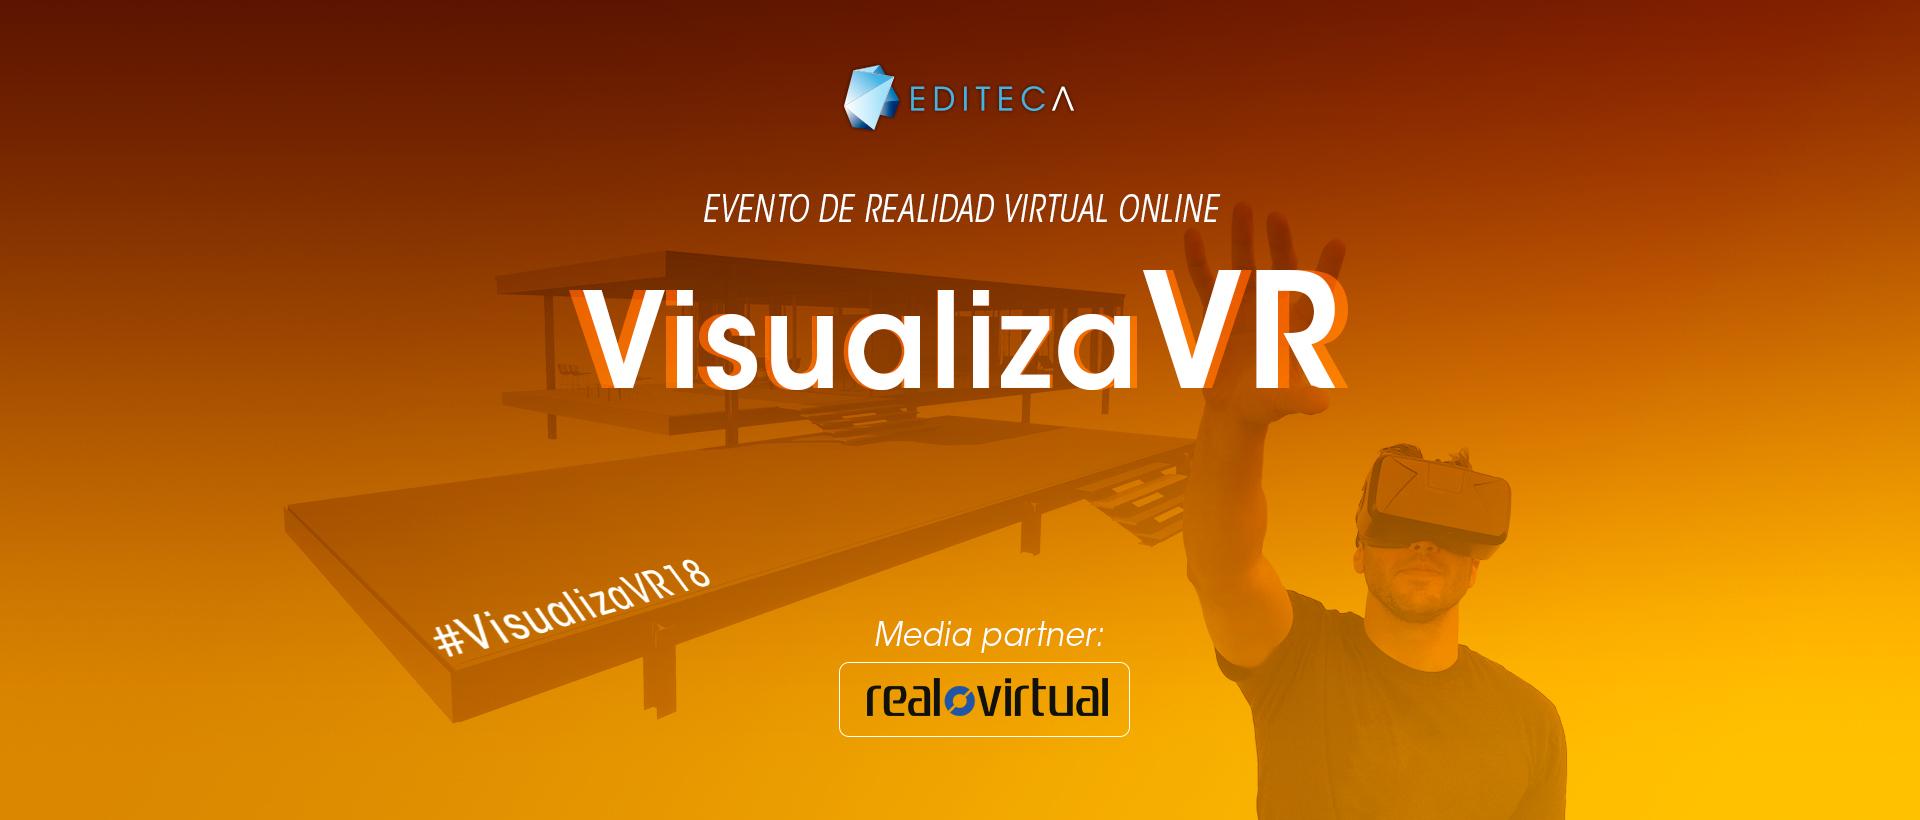 cabecera-web-evento-visualizaVR-18-EDITECA